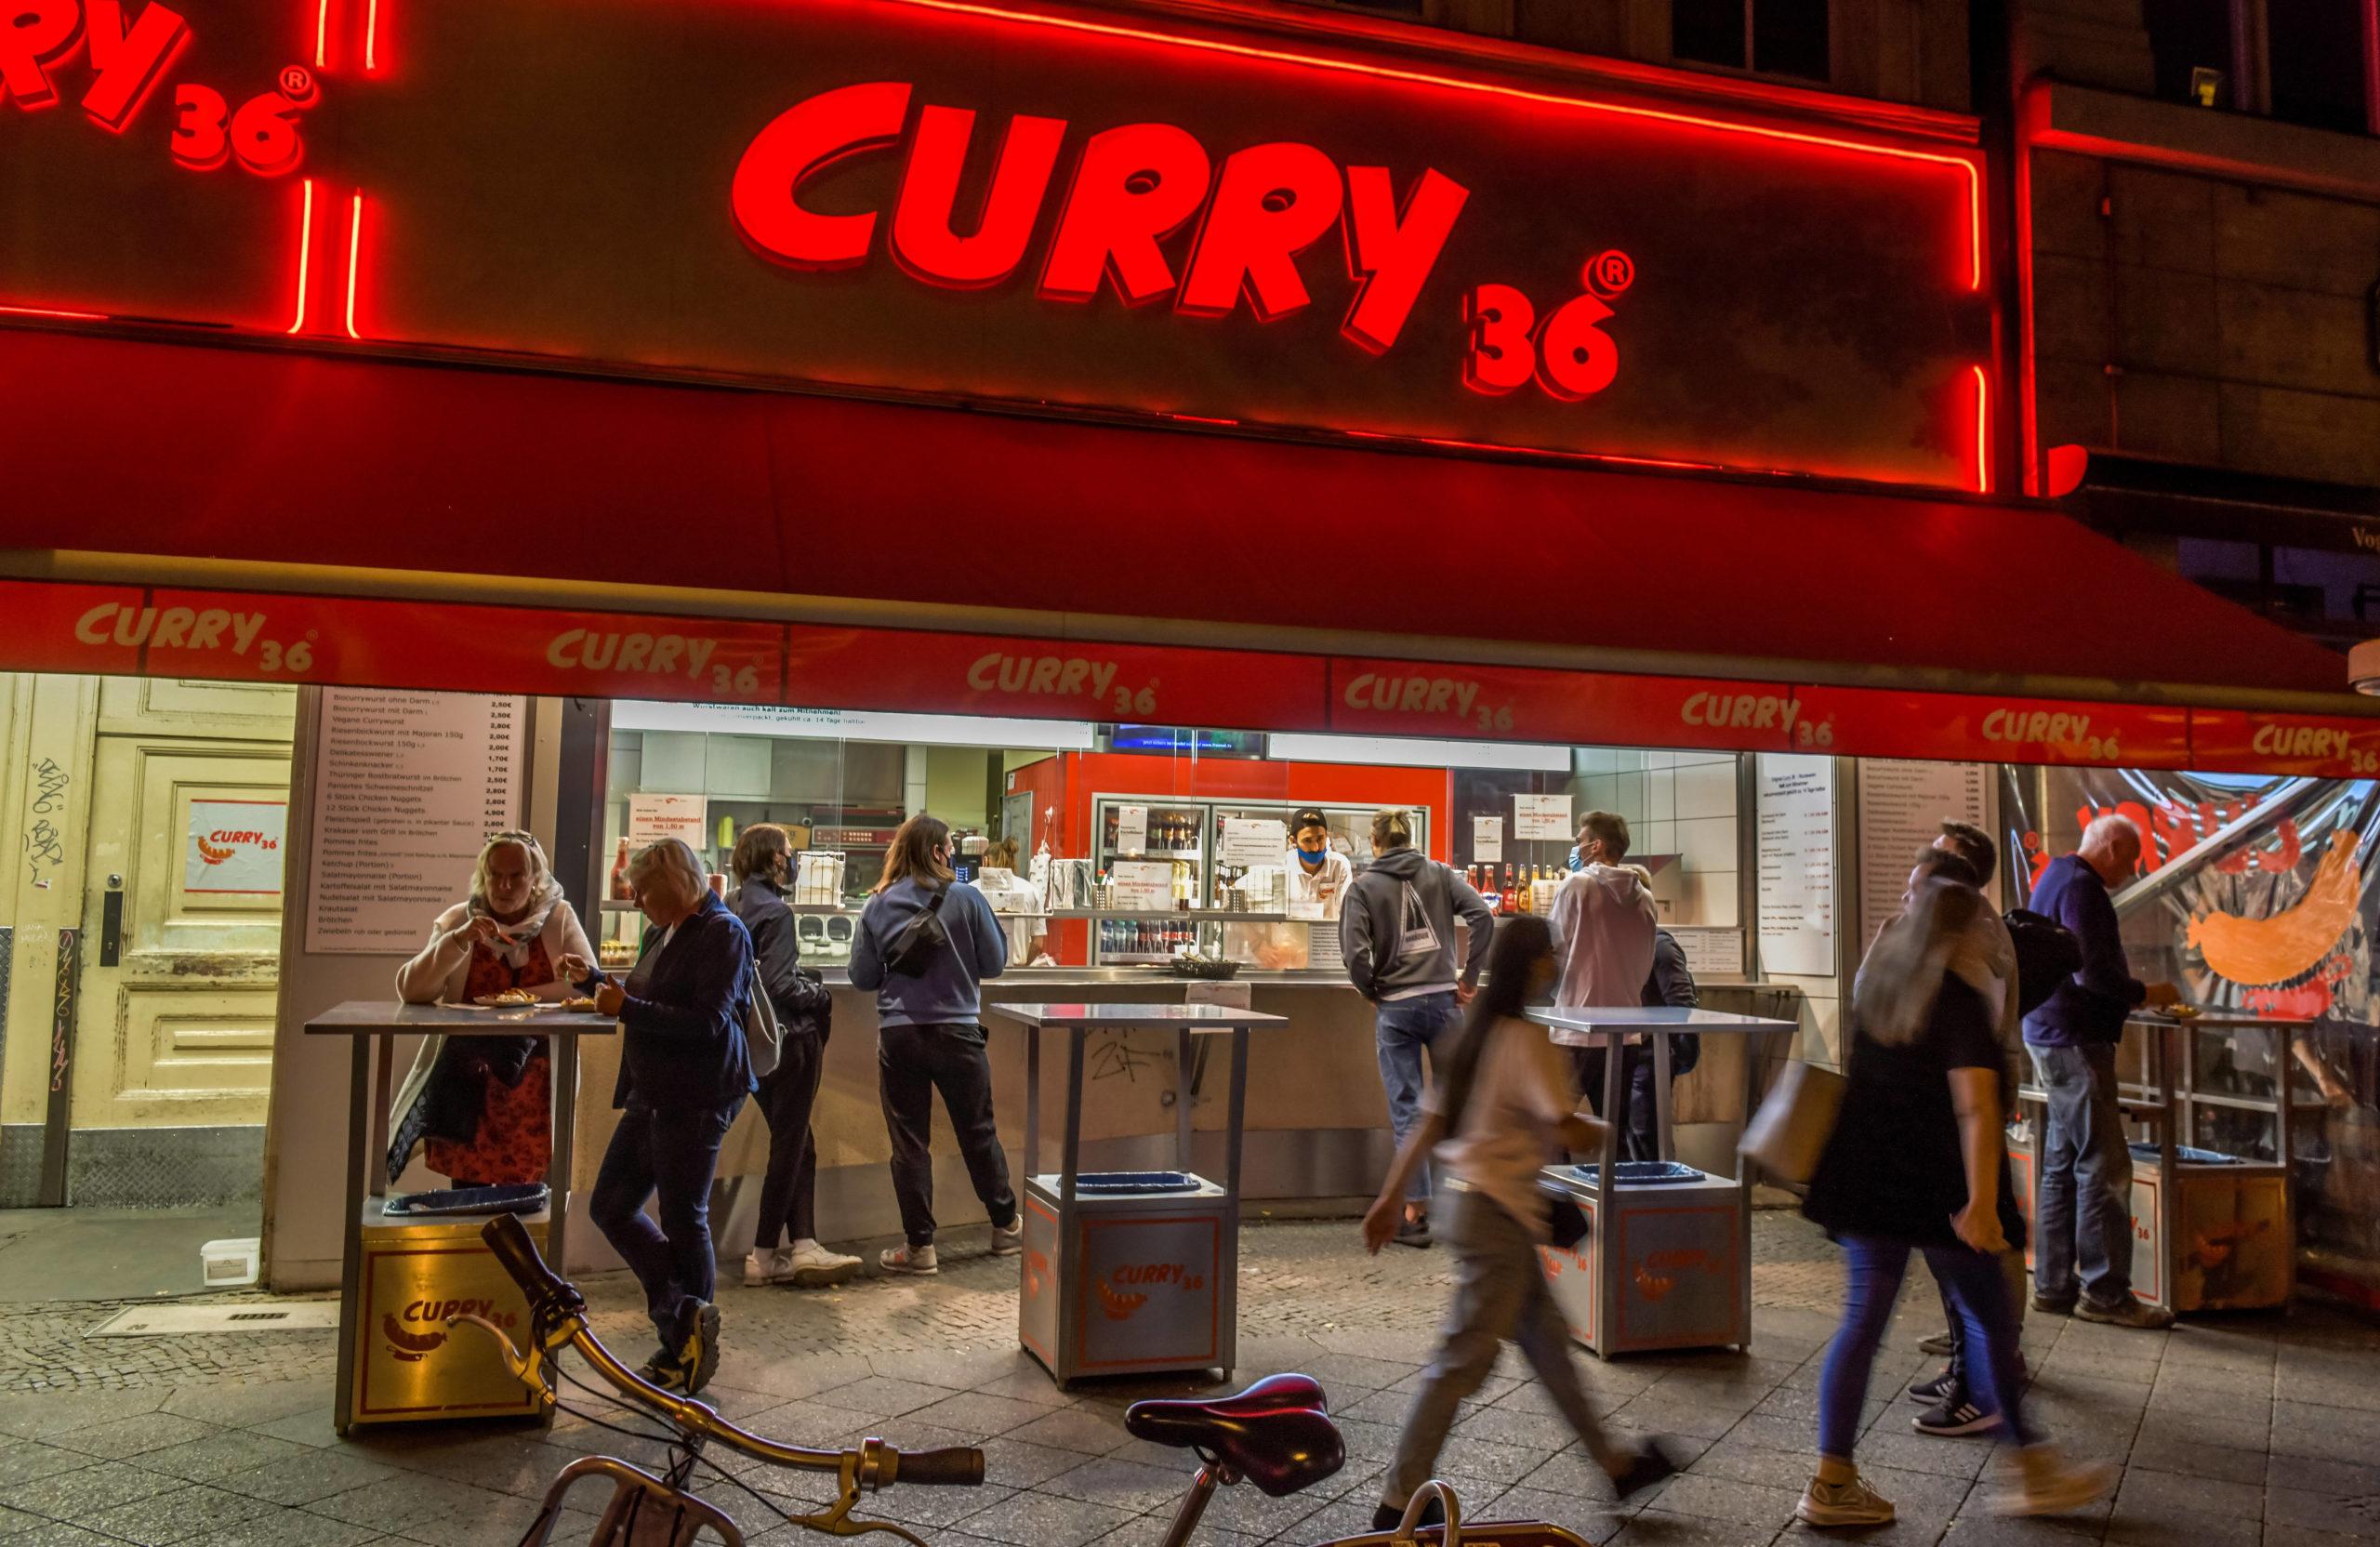 Curry 36 am Mehringdamm dürfte eine der bekanntesten Adressen für Currywurst in Berlin sein. Foto: Imago/Joko